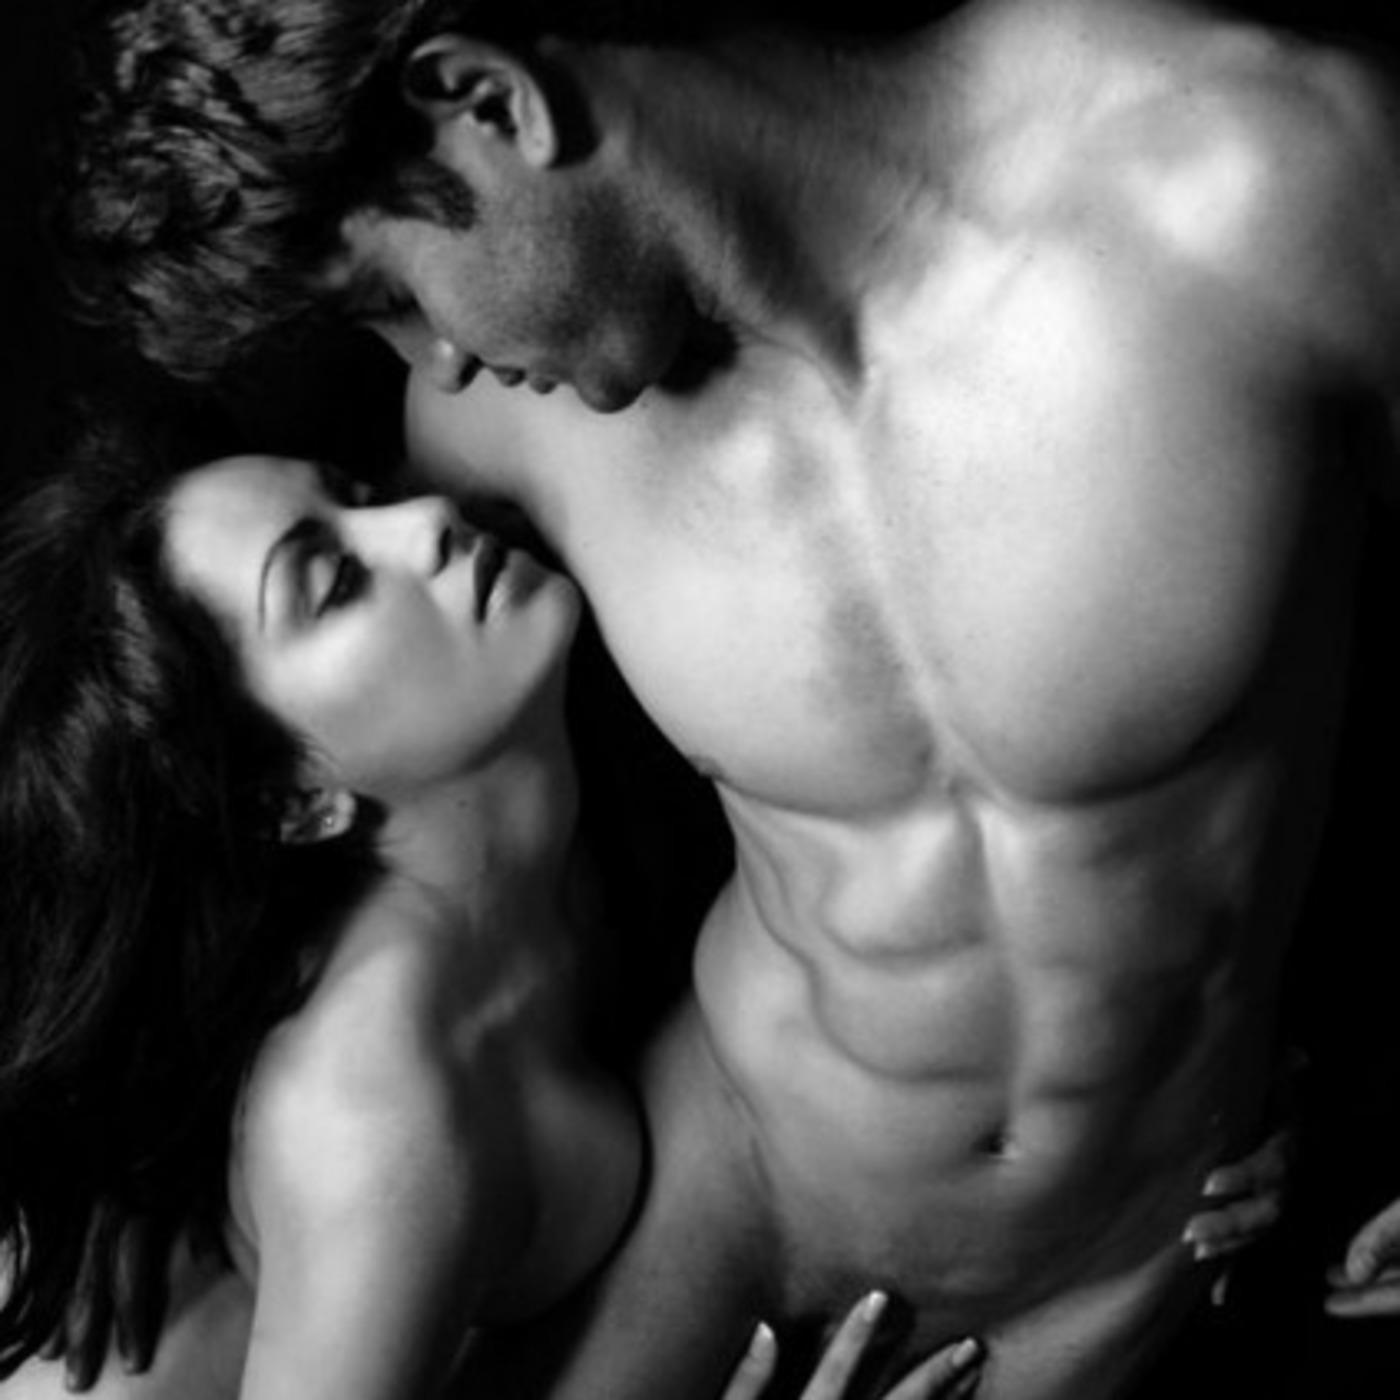 Эротическое красивое фото мужчины и женщины 24 фотография